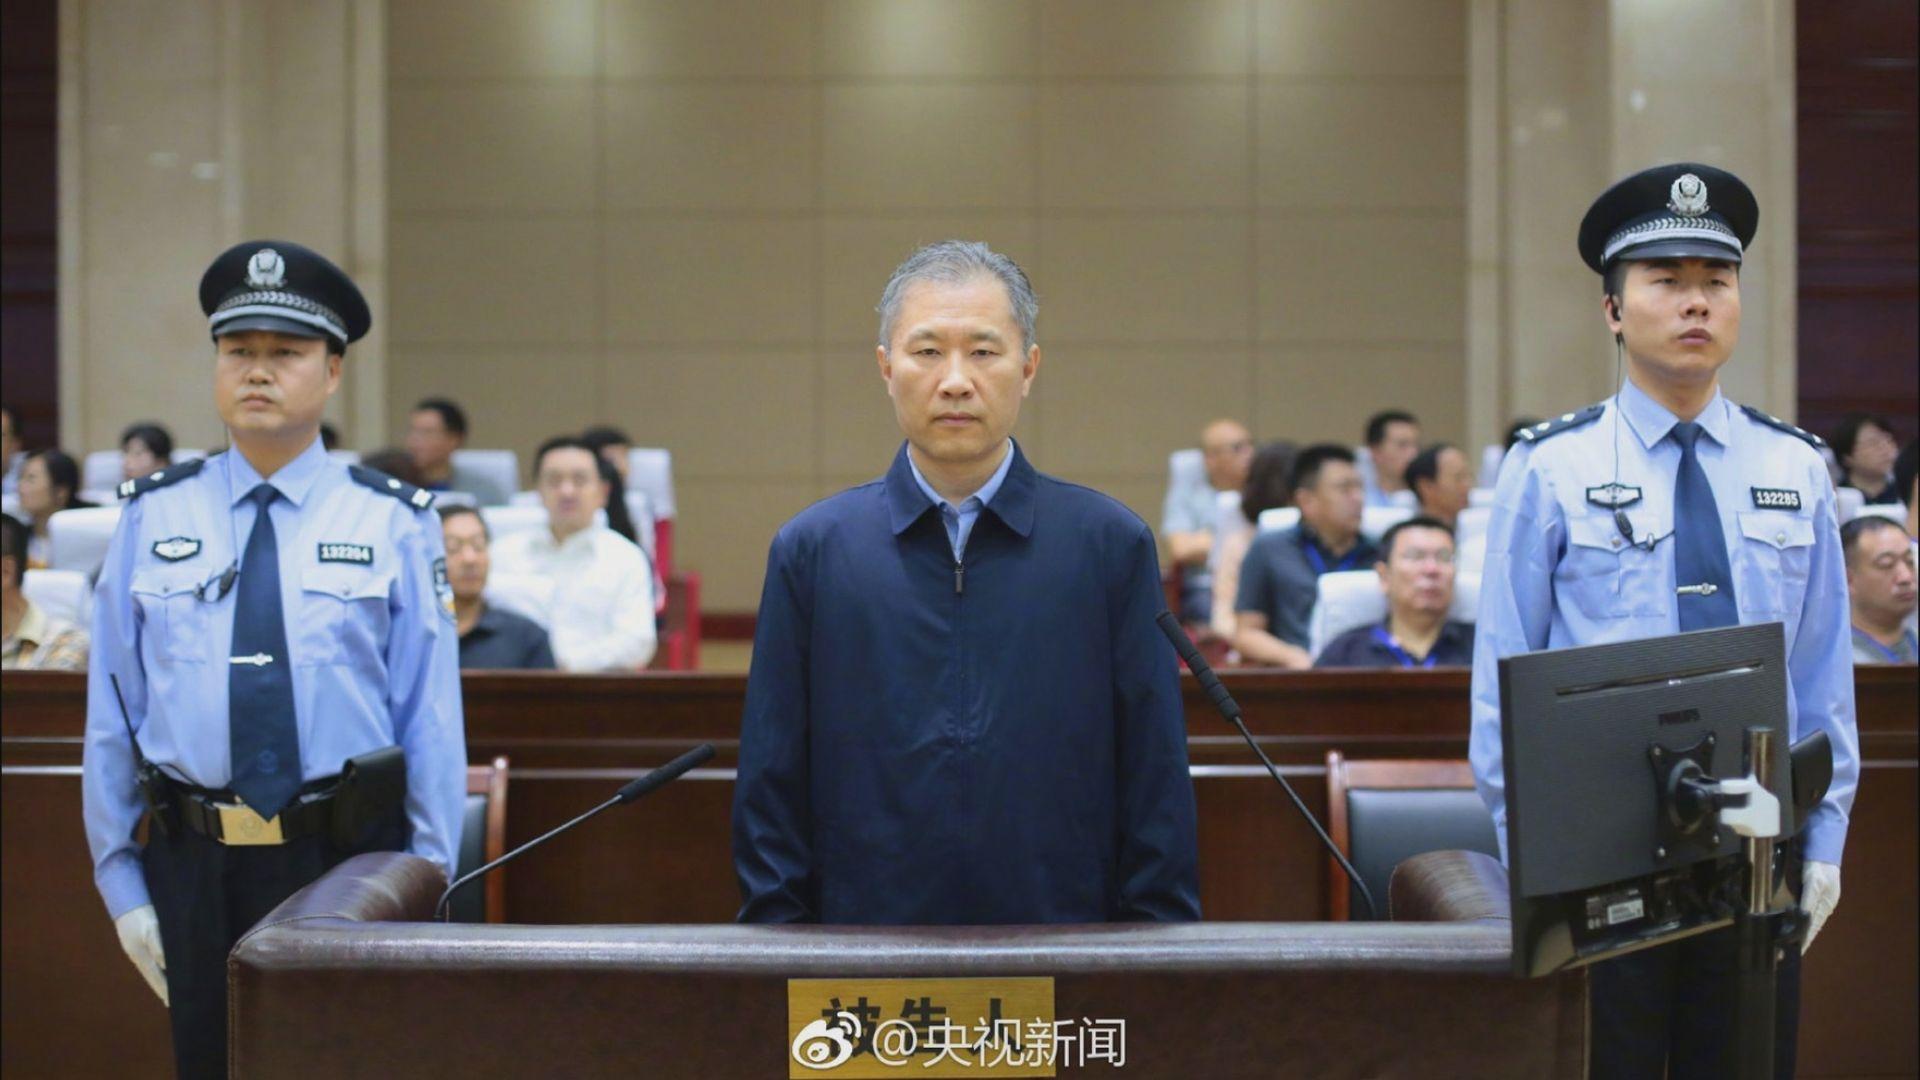 姚剛受賄及內幕交易罪成 判18年有期徒刑